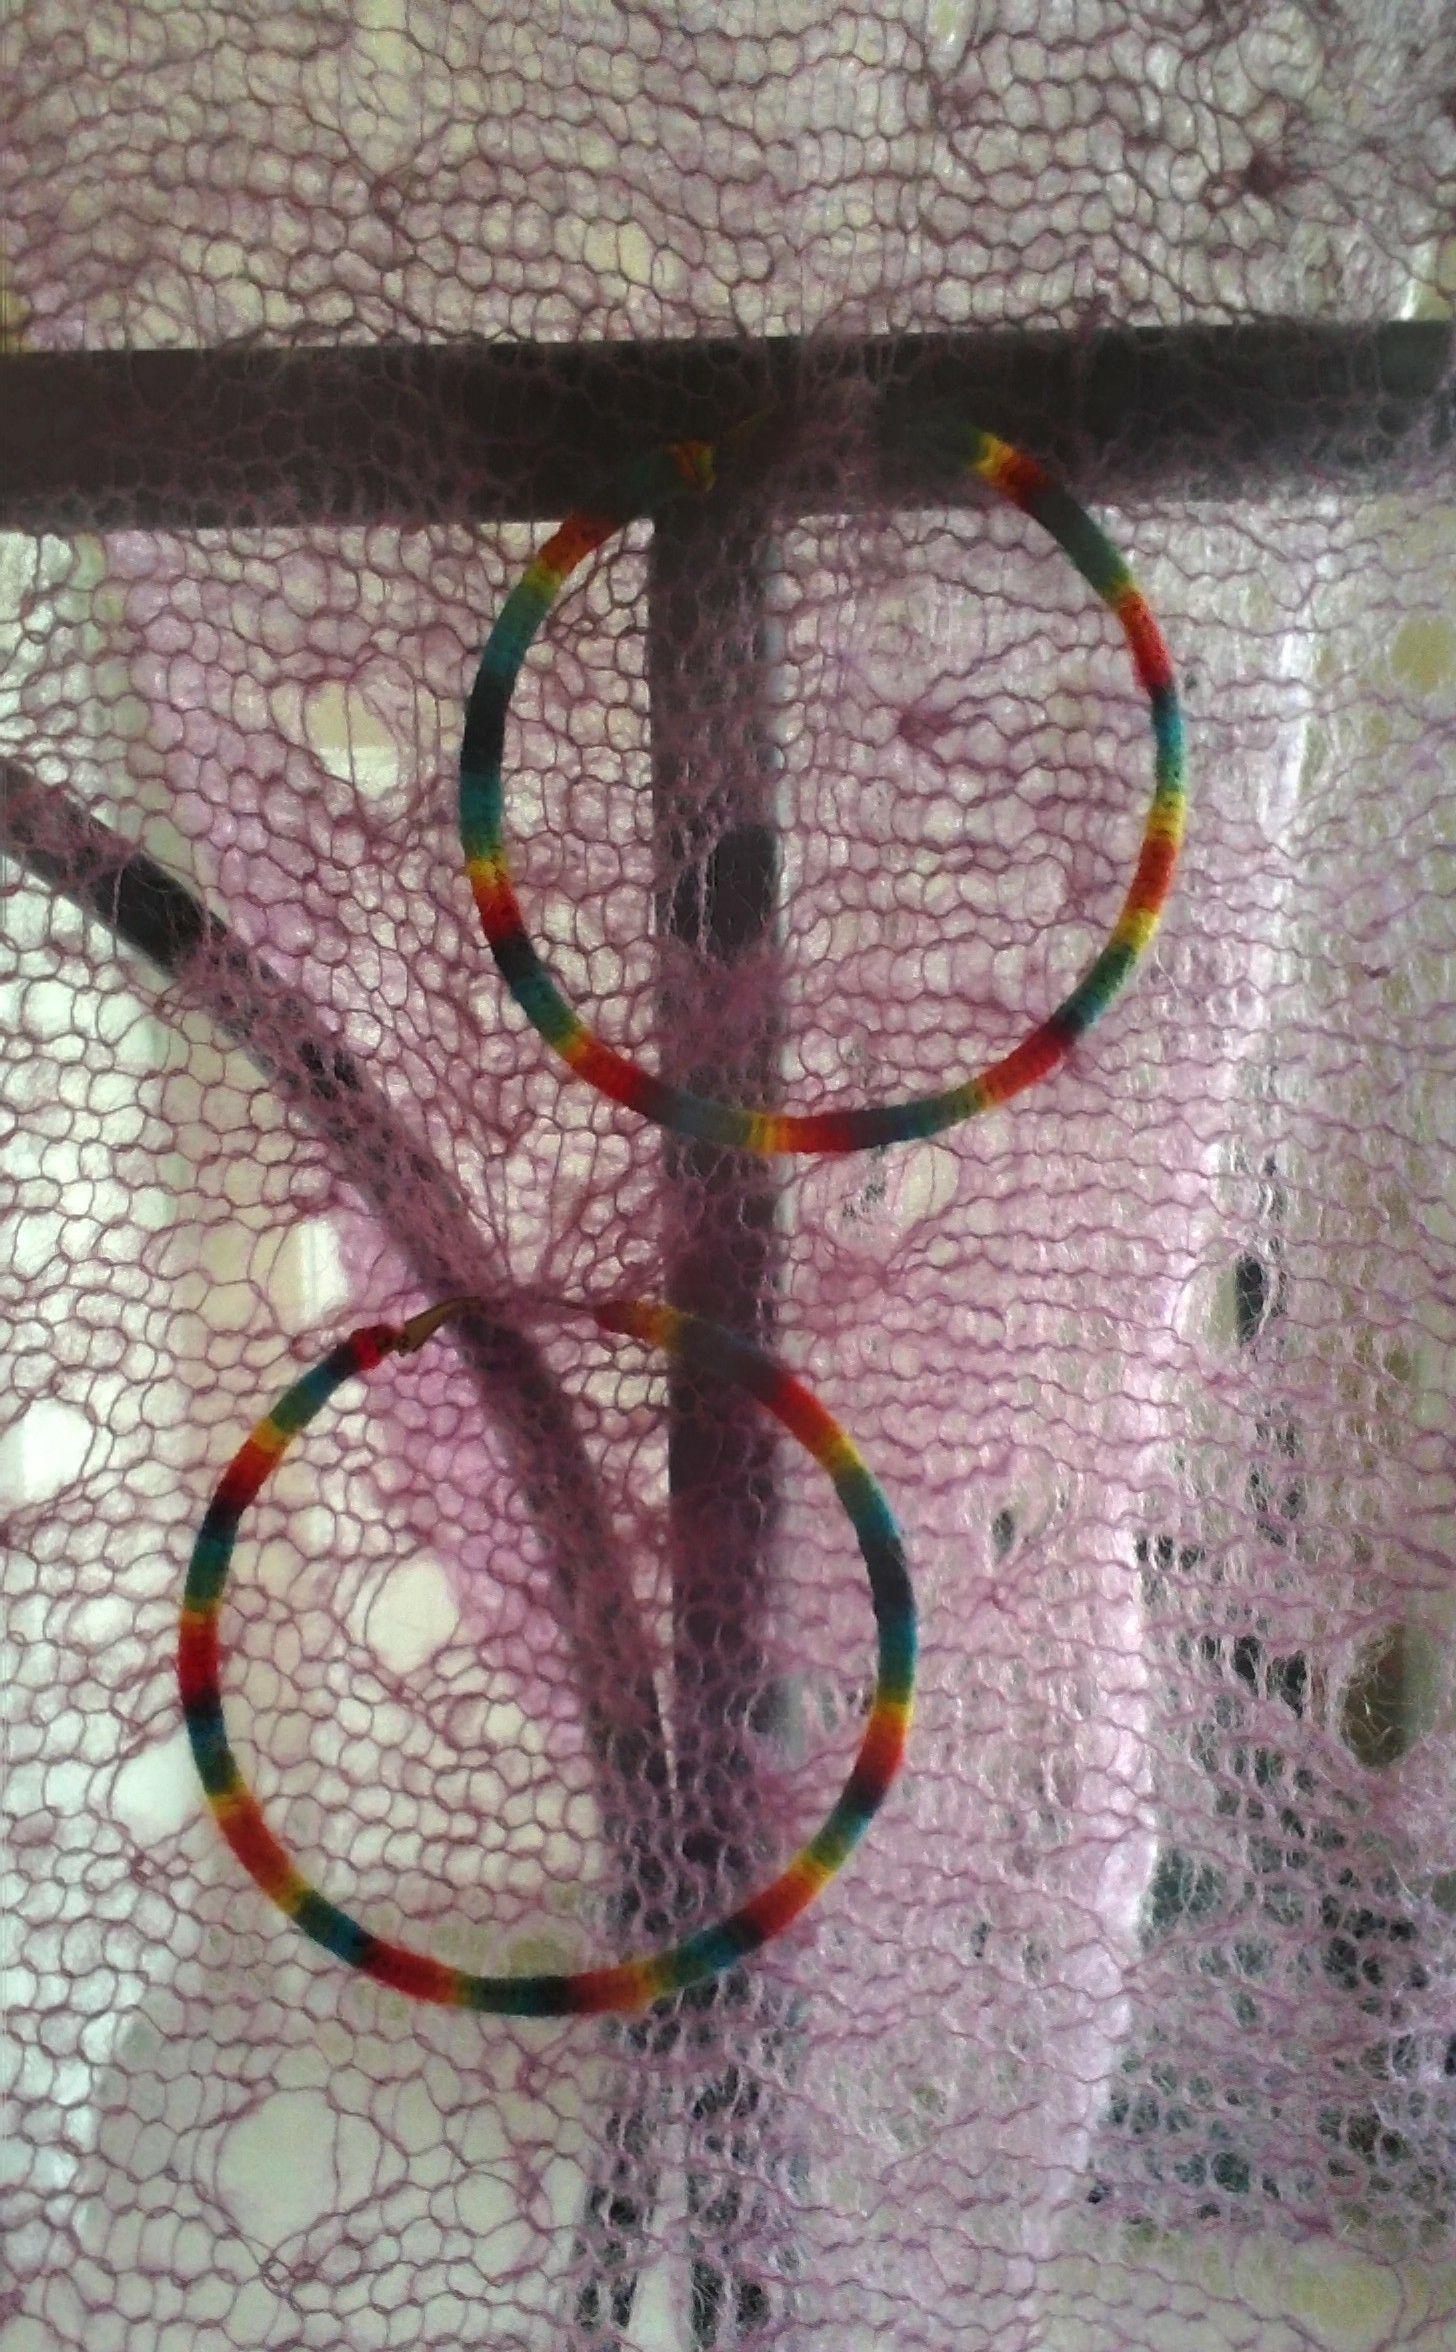 Handmade hoops with rainbow yarn